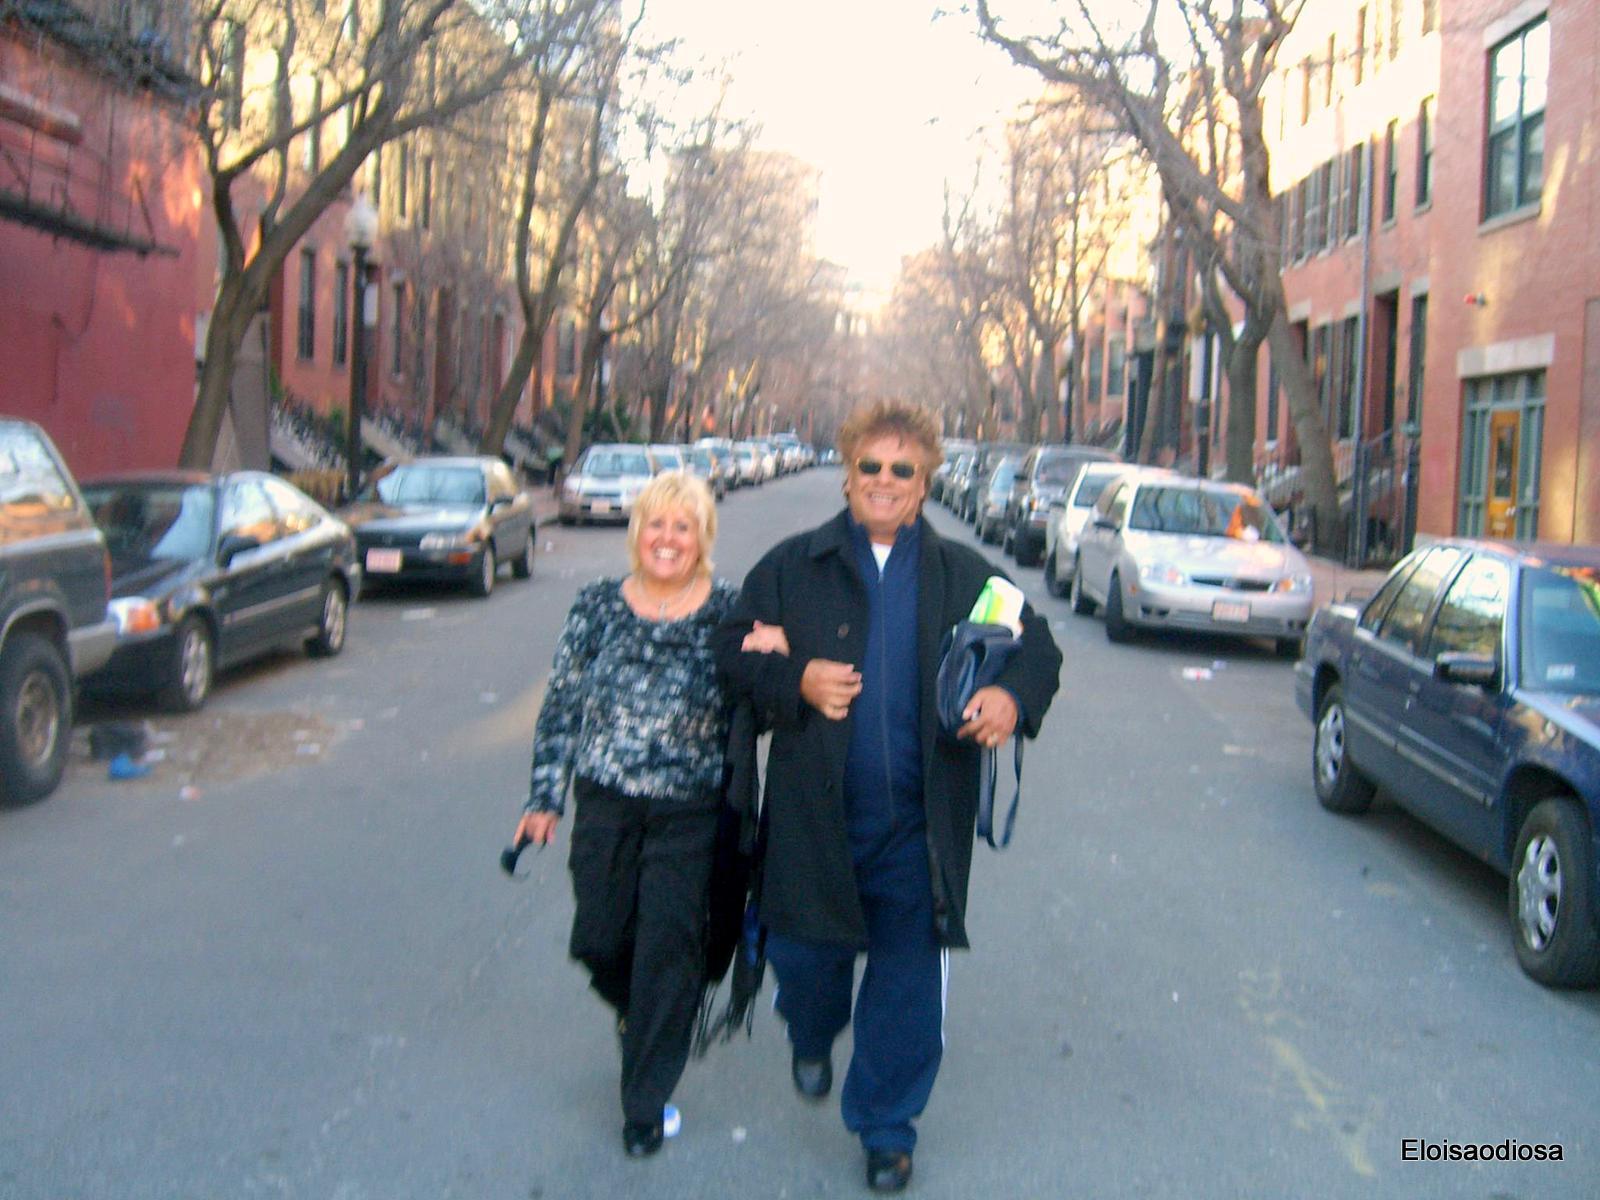 Alberto y Eloisa paseando en Boston